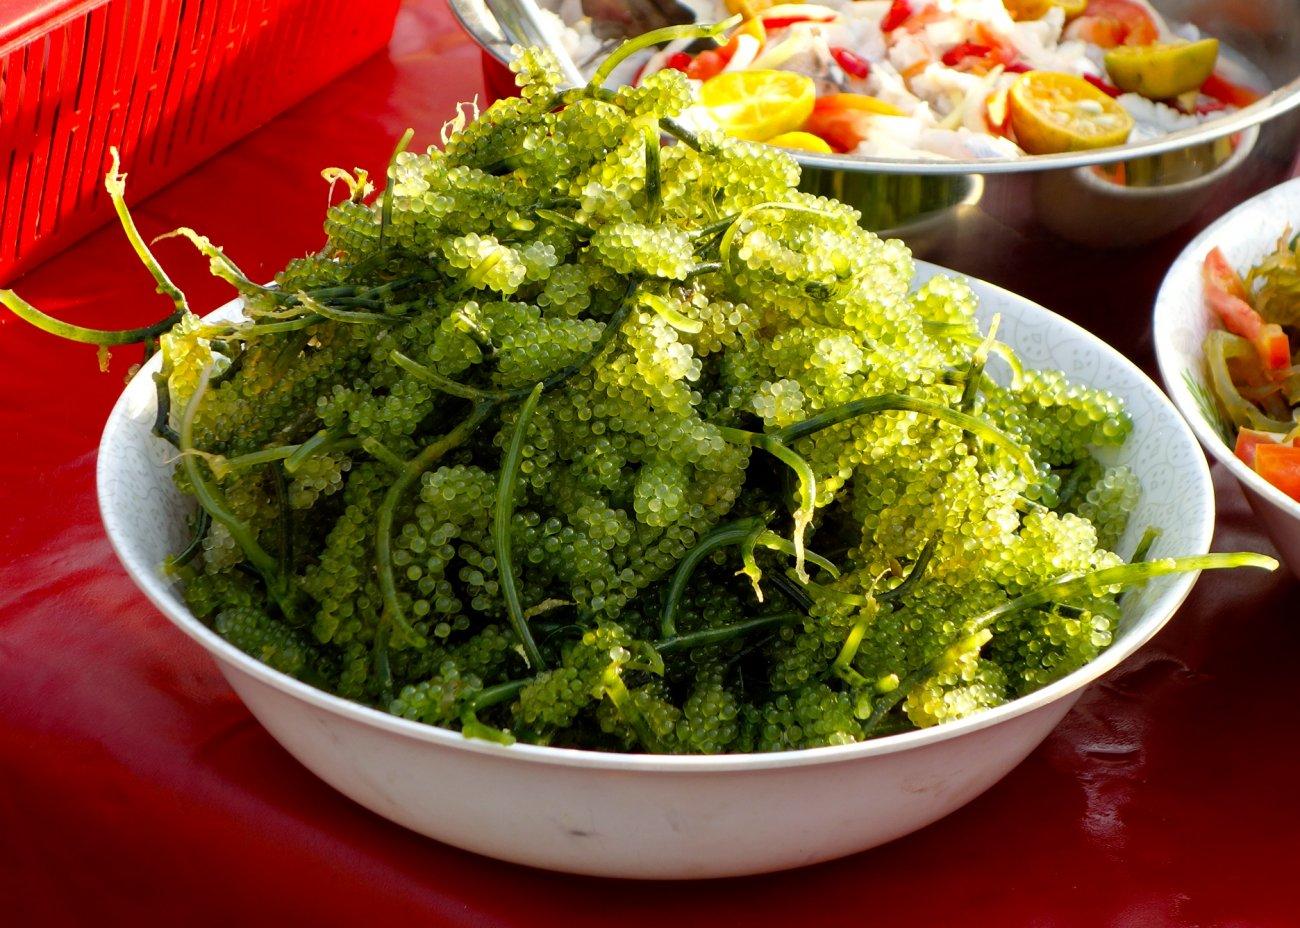 latok seaweed